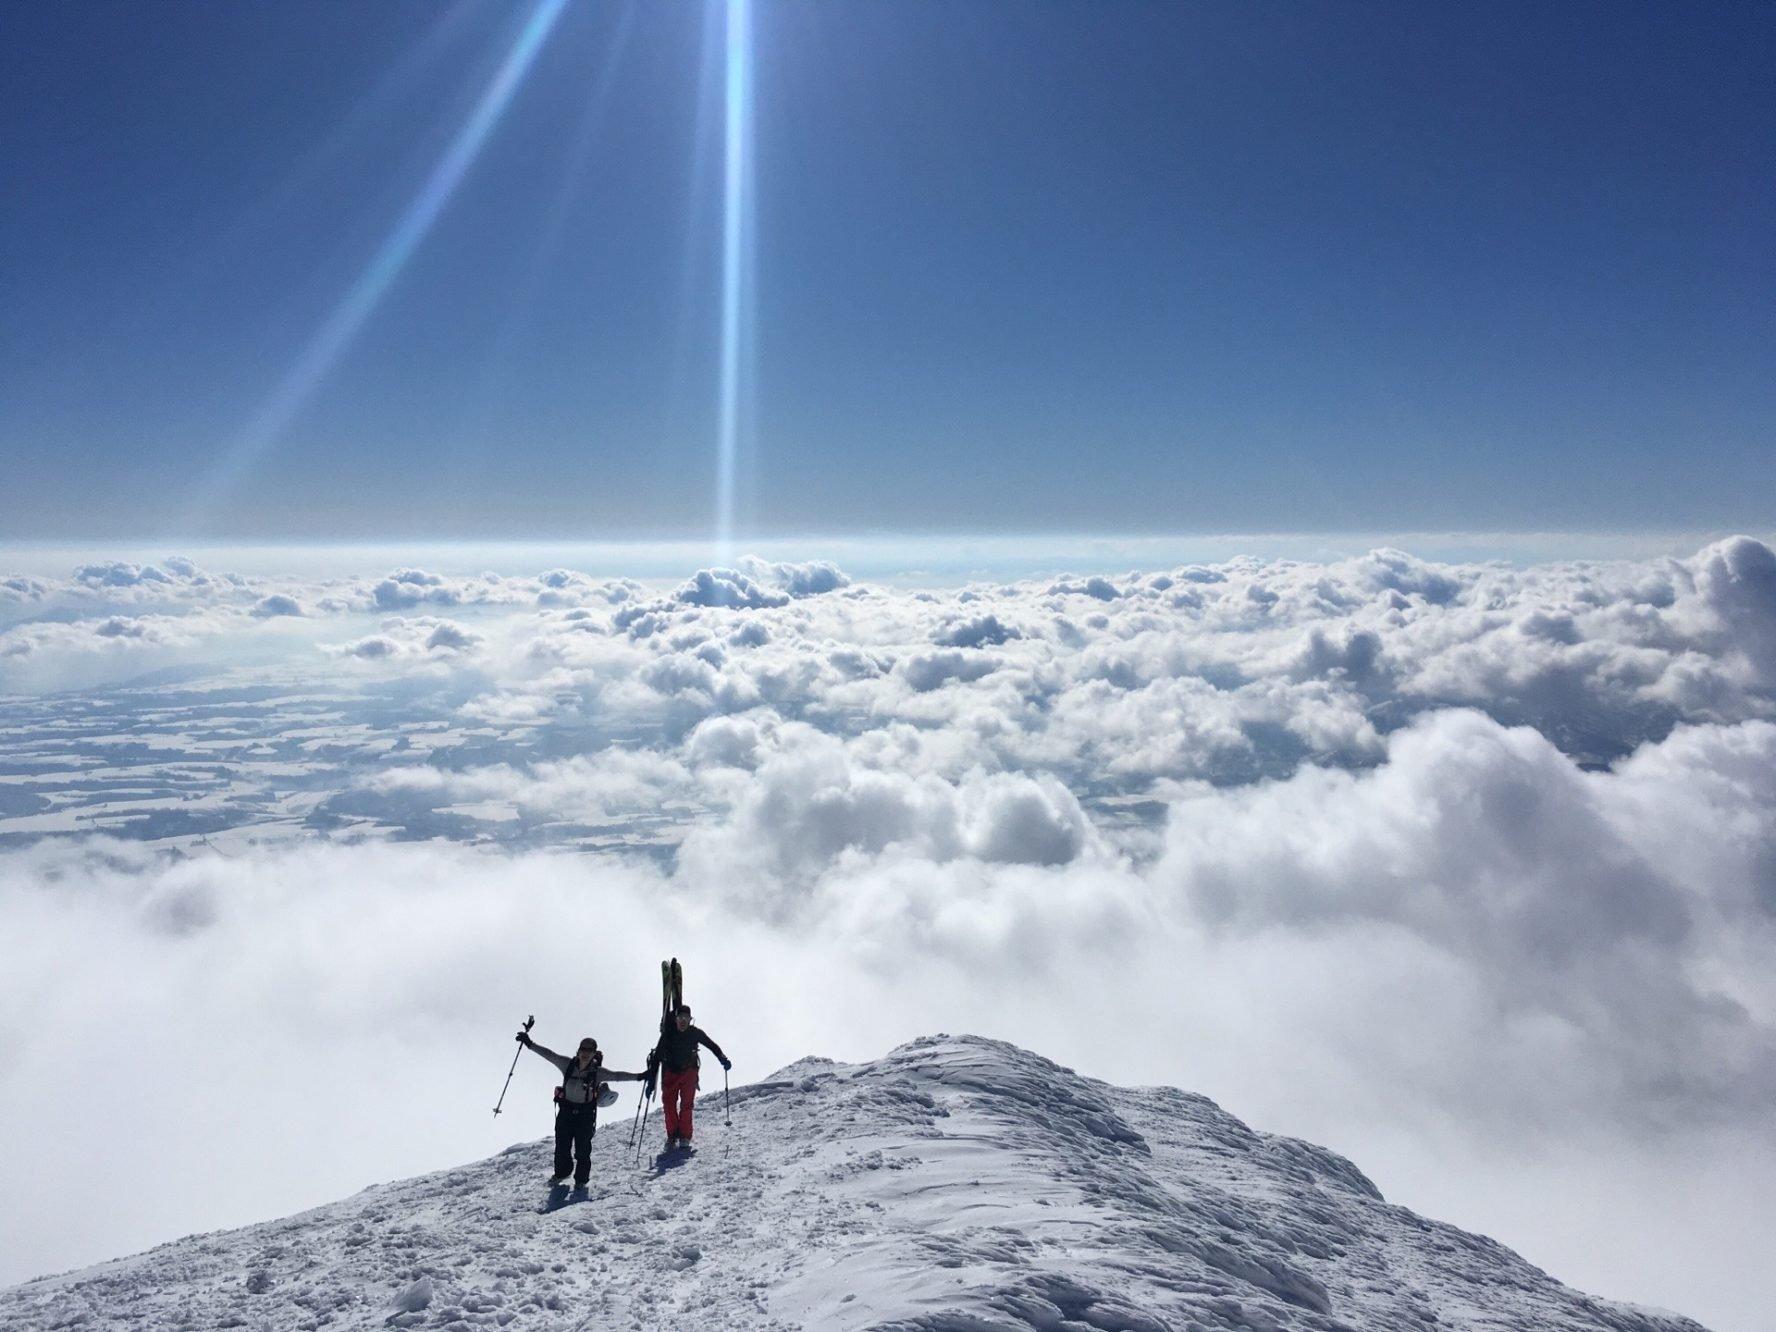 niseko-backcountry-skiing